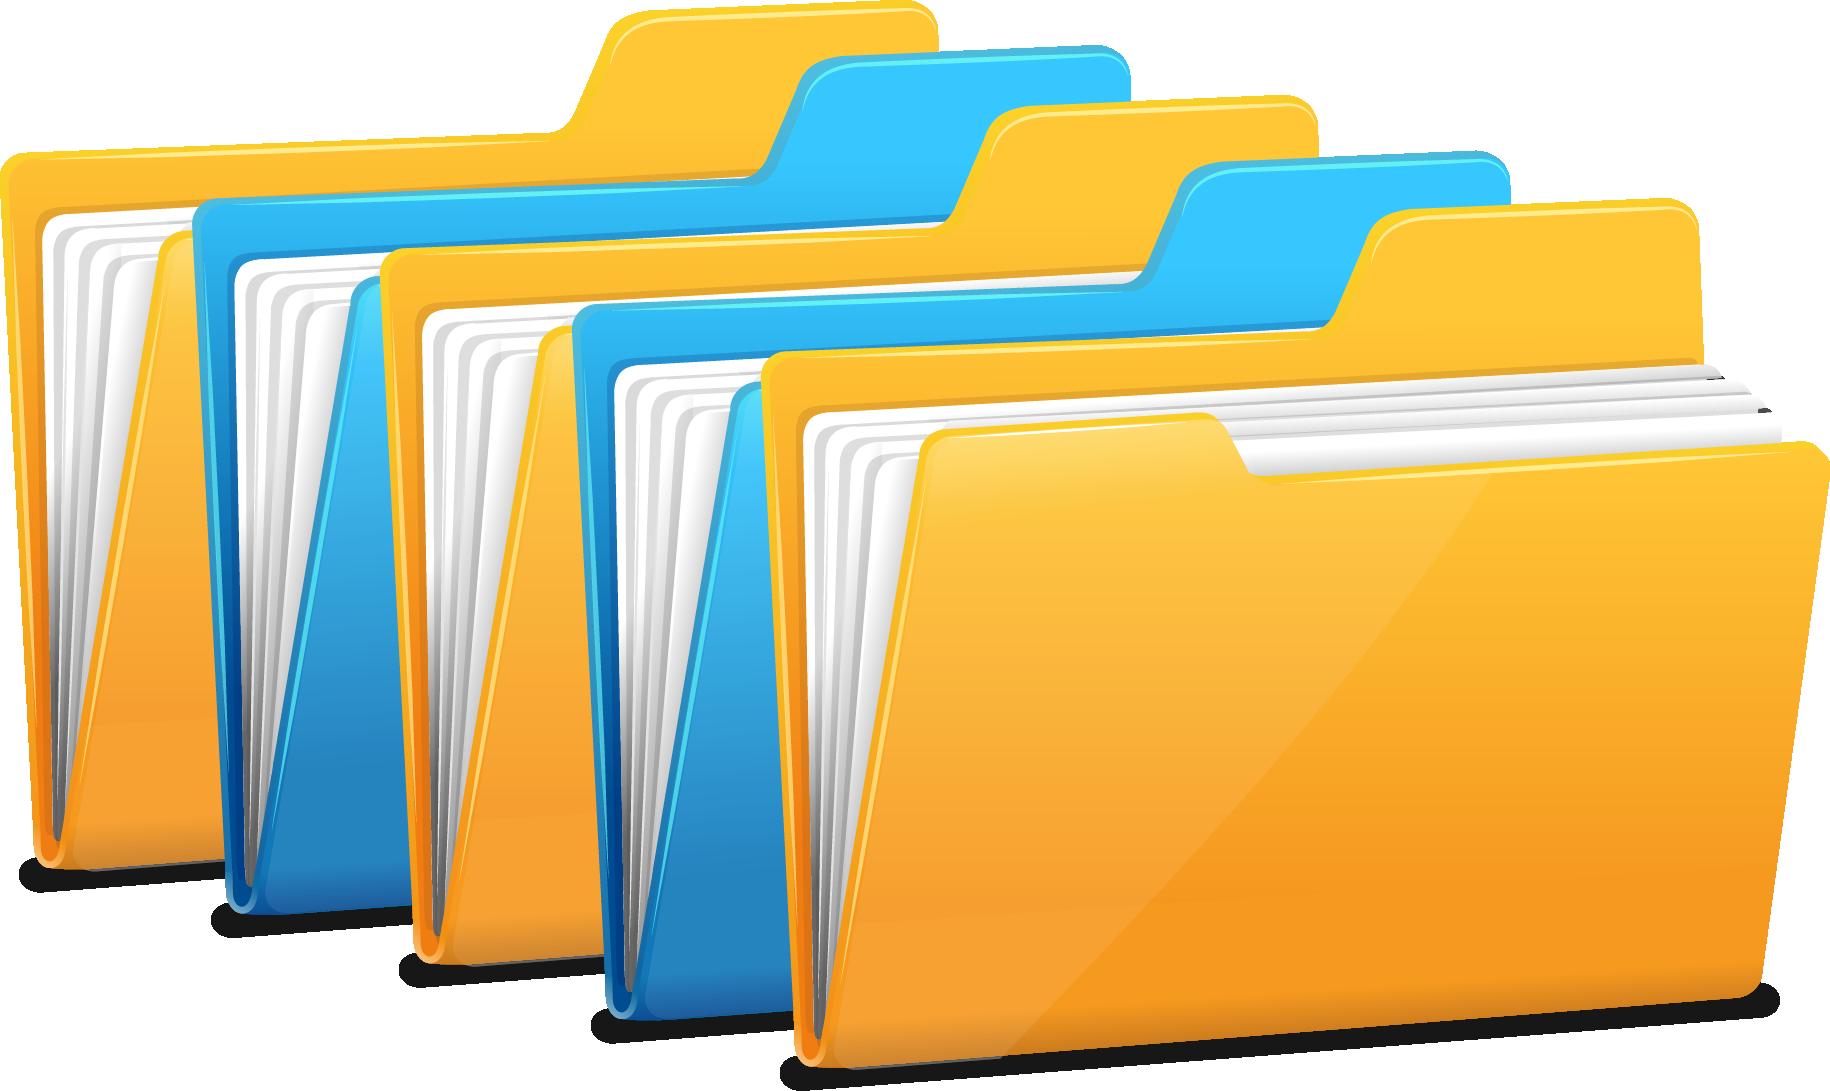 1830x1091 Euclidean Vector Directory Computer File